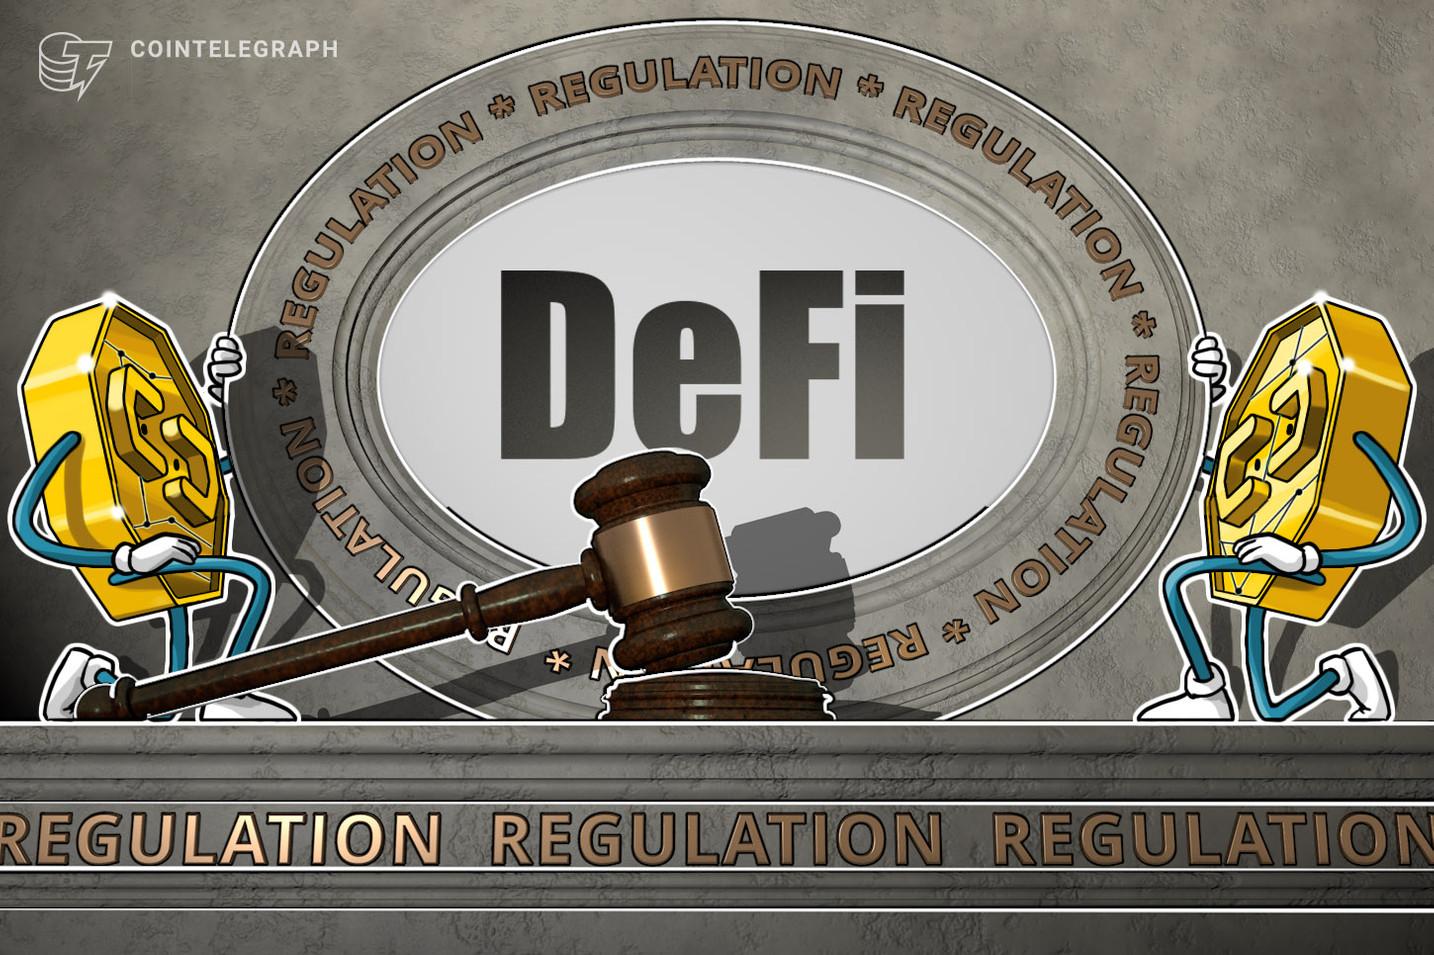 डेफी को पूरी तरह से विनियमित नहीं किया जा सकता है, सियाम कमर्शियल बैंक के अध्यक्ष कहते हैं